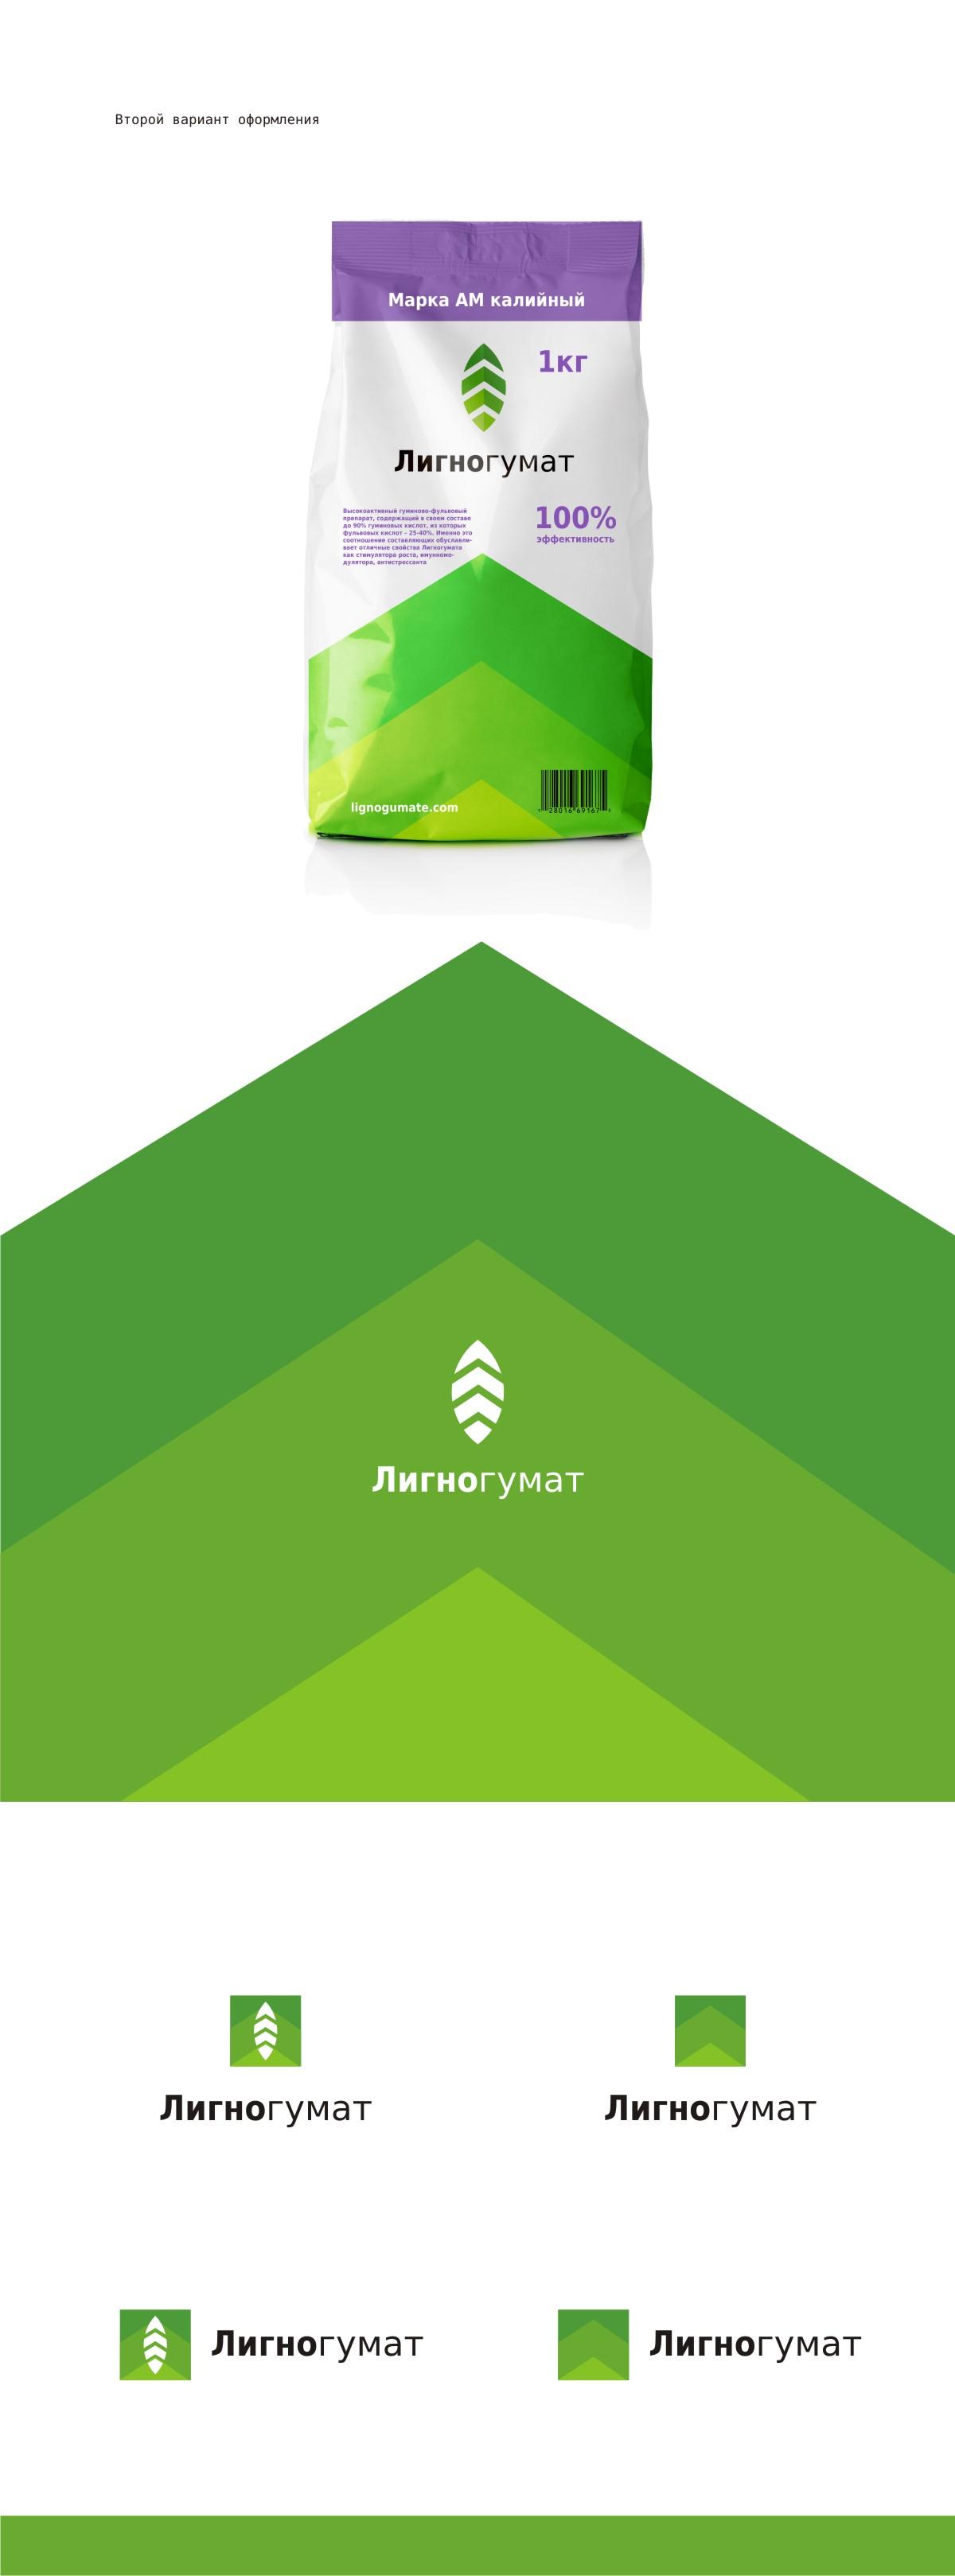 Логотип и фирменный стиль фото f_1625957af9086311.jpg